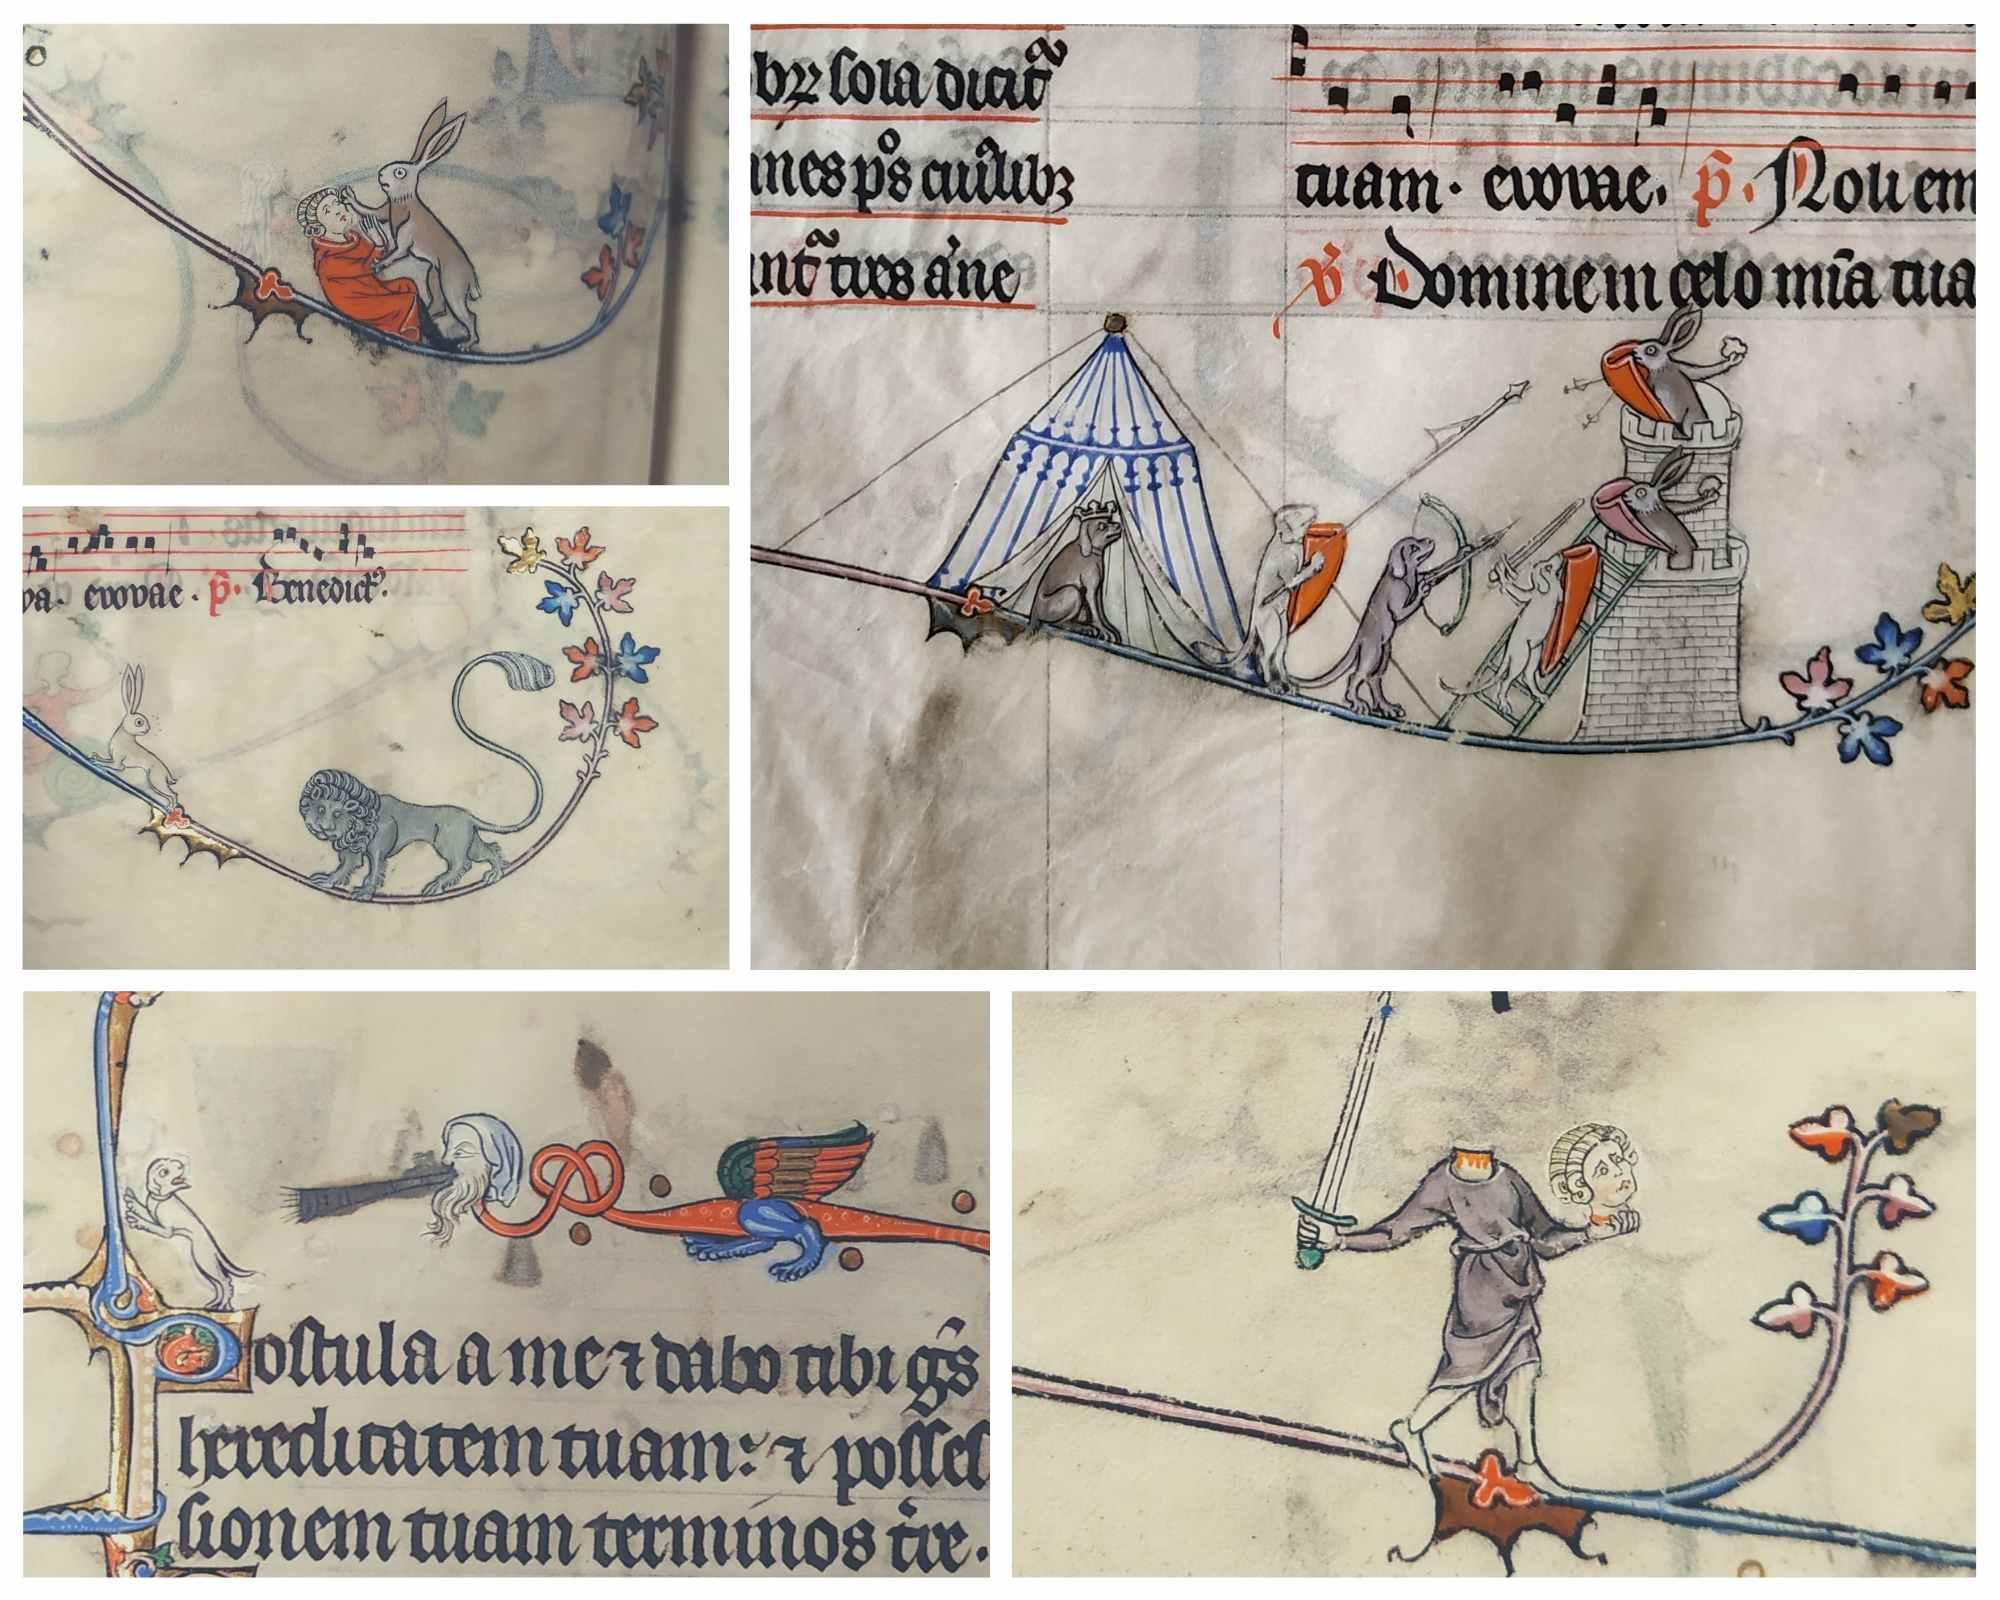 L'imaginaire débordant des drôleries peuplant les marges d'un luxueux manuscrit médiéval